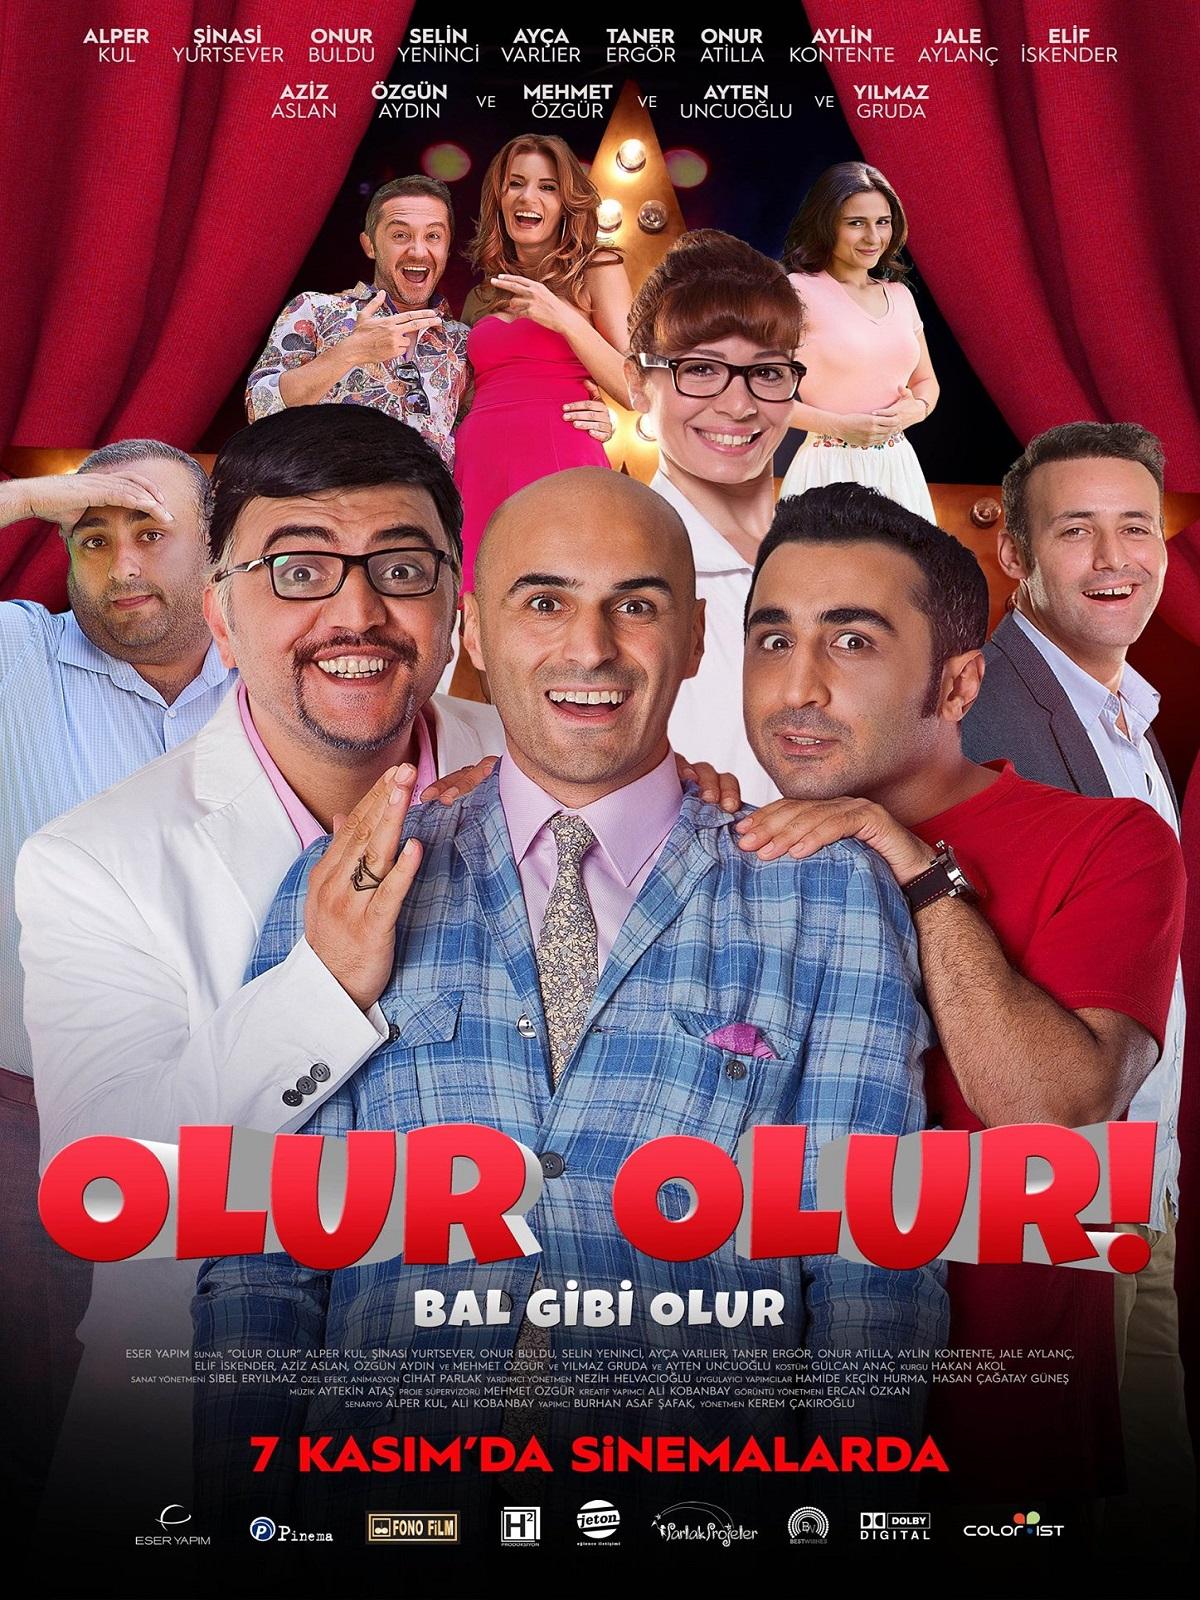 Olur Olur Filmi Için Kullanýcý Yorumlarý Beyazperdecom